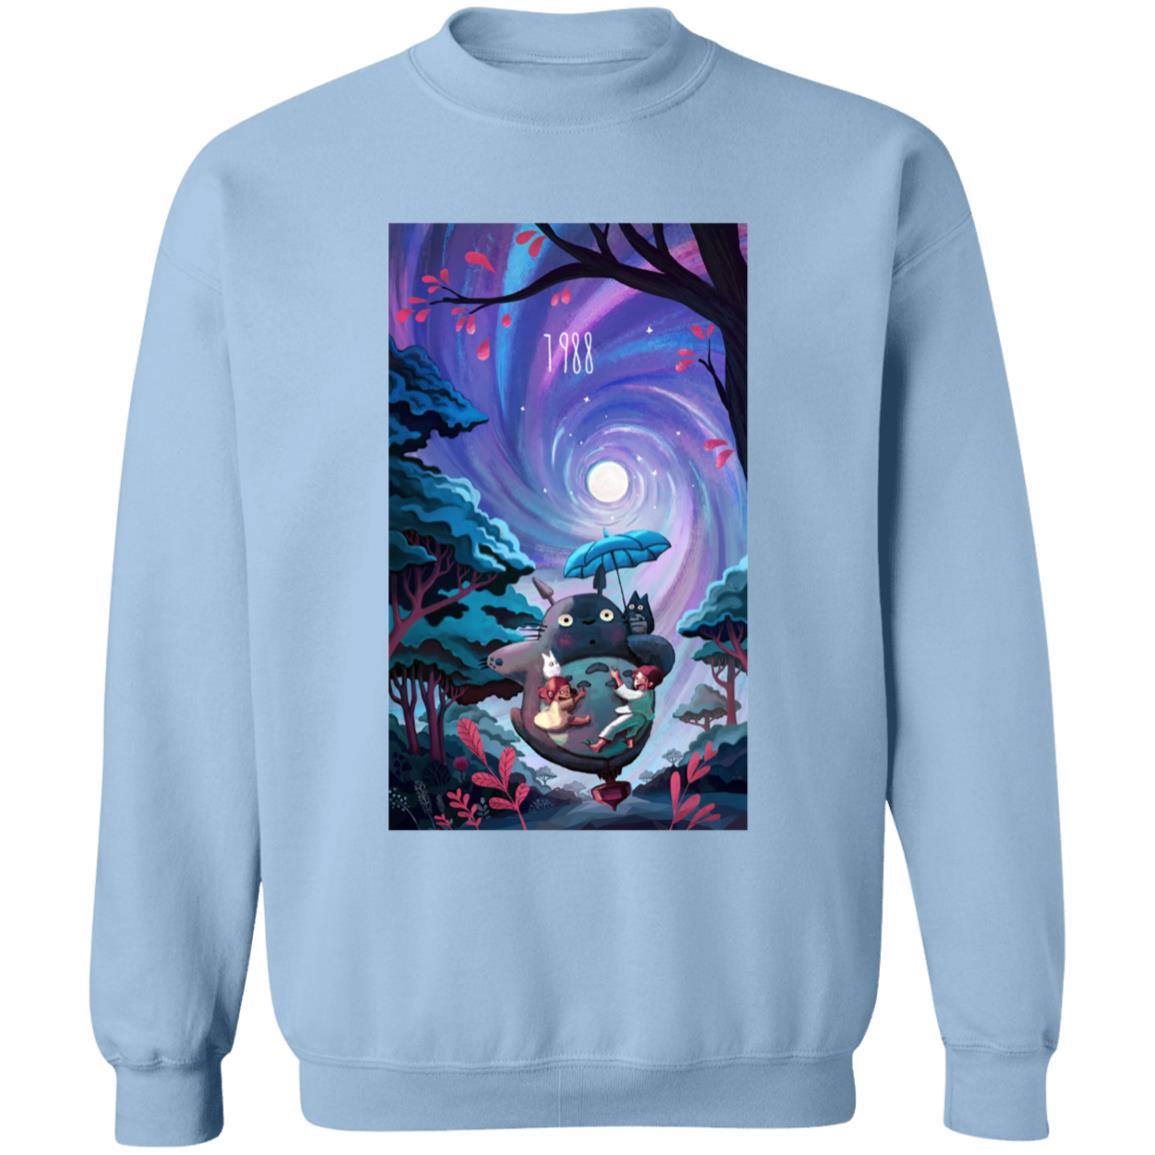 My Neighbor Totoro 1988 Illustration Sweatshirt